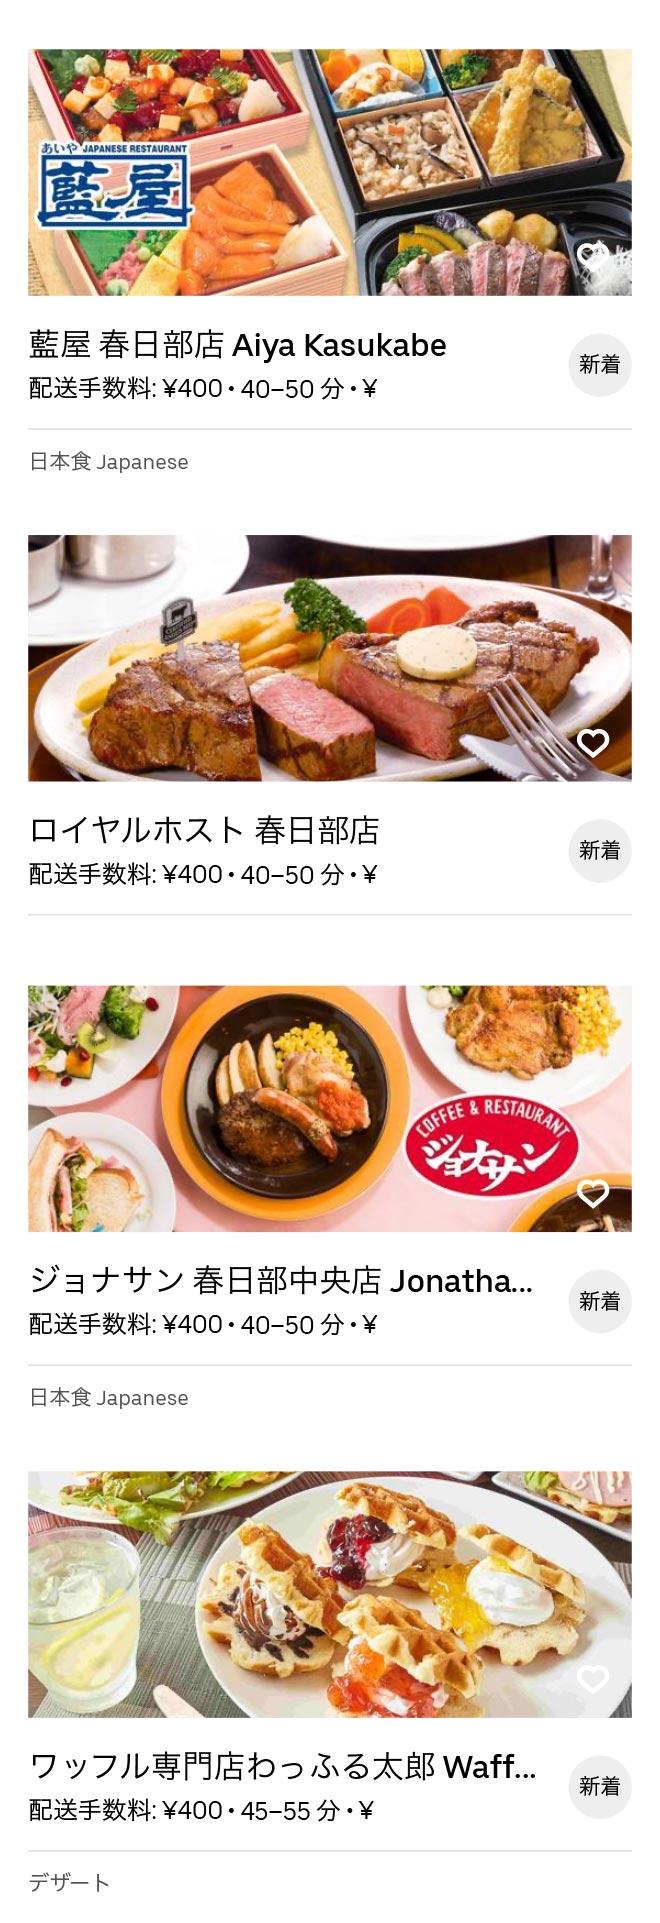 Takesato menu 2009 05